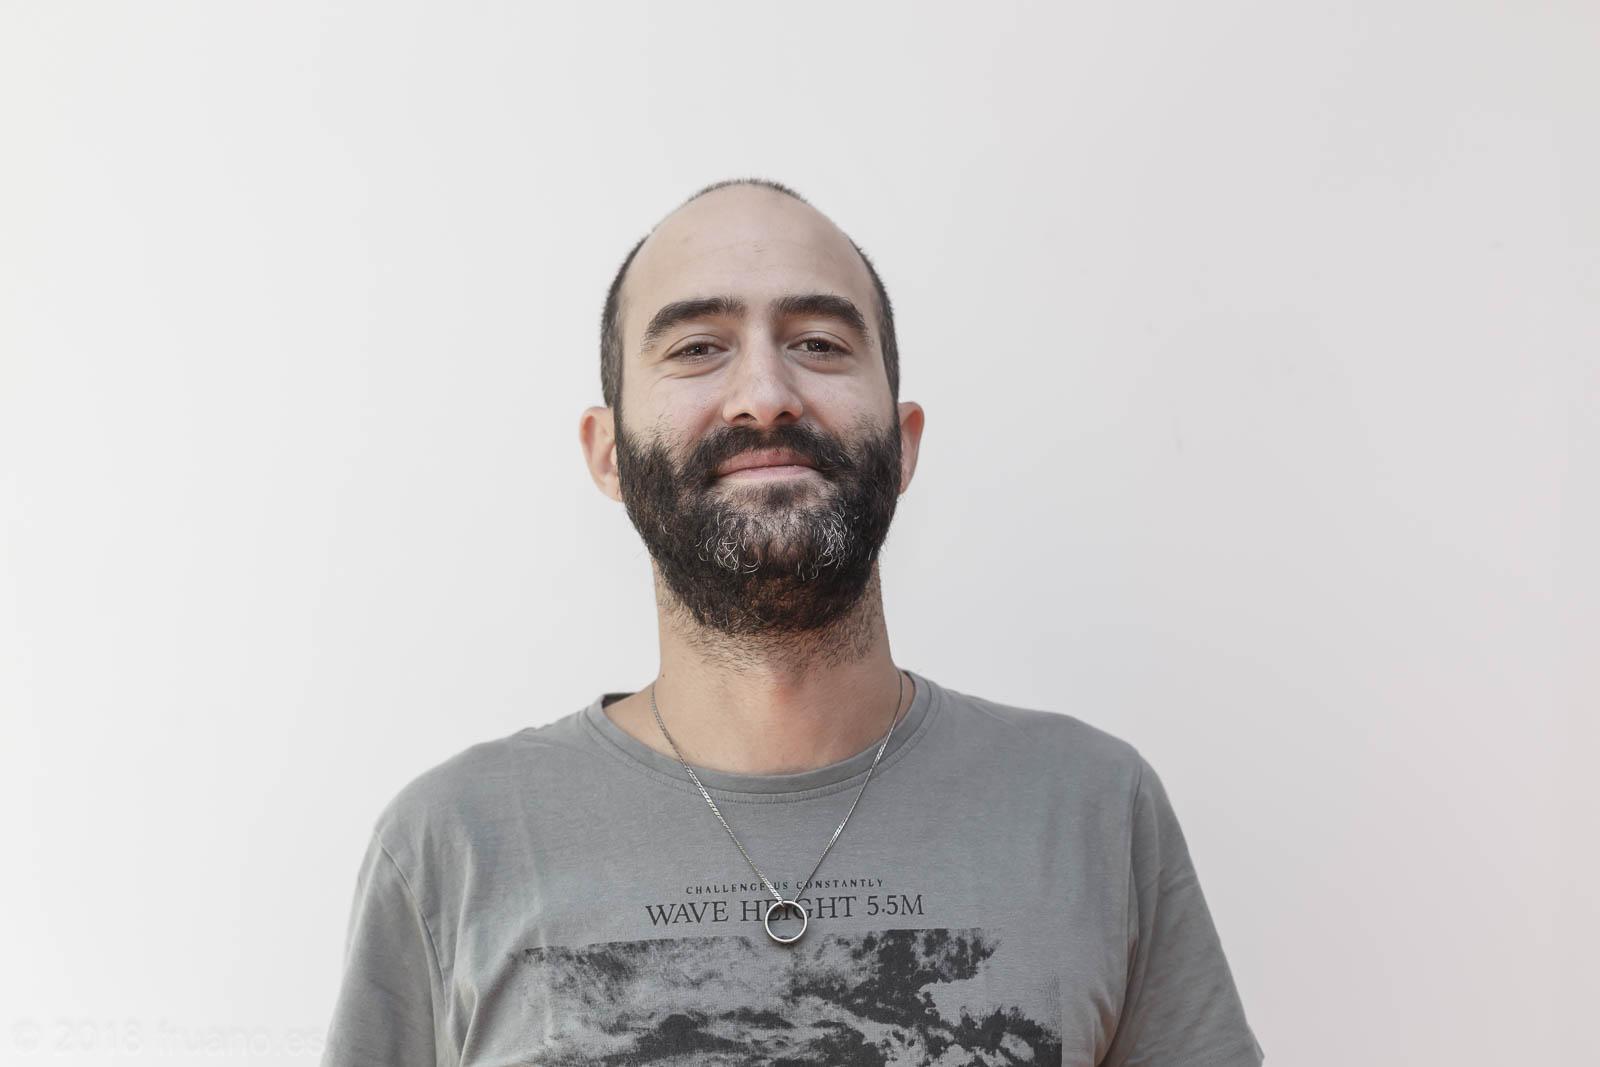 Carlos Castaño